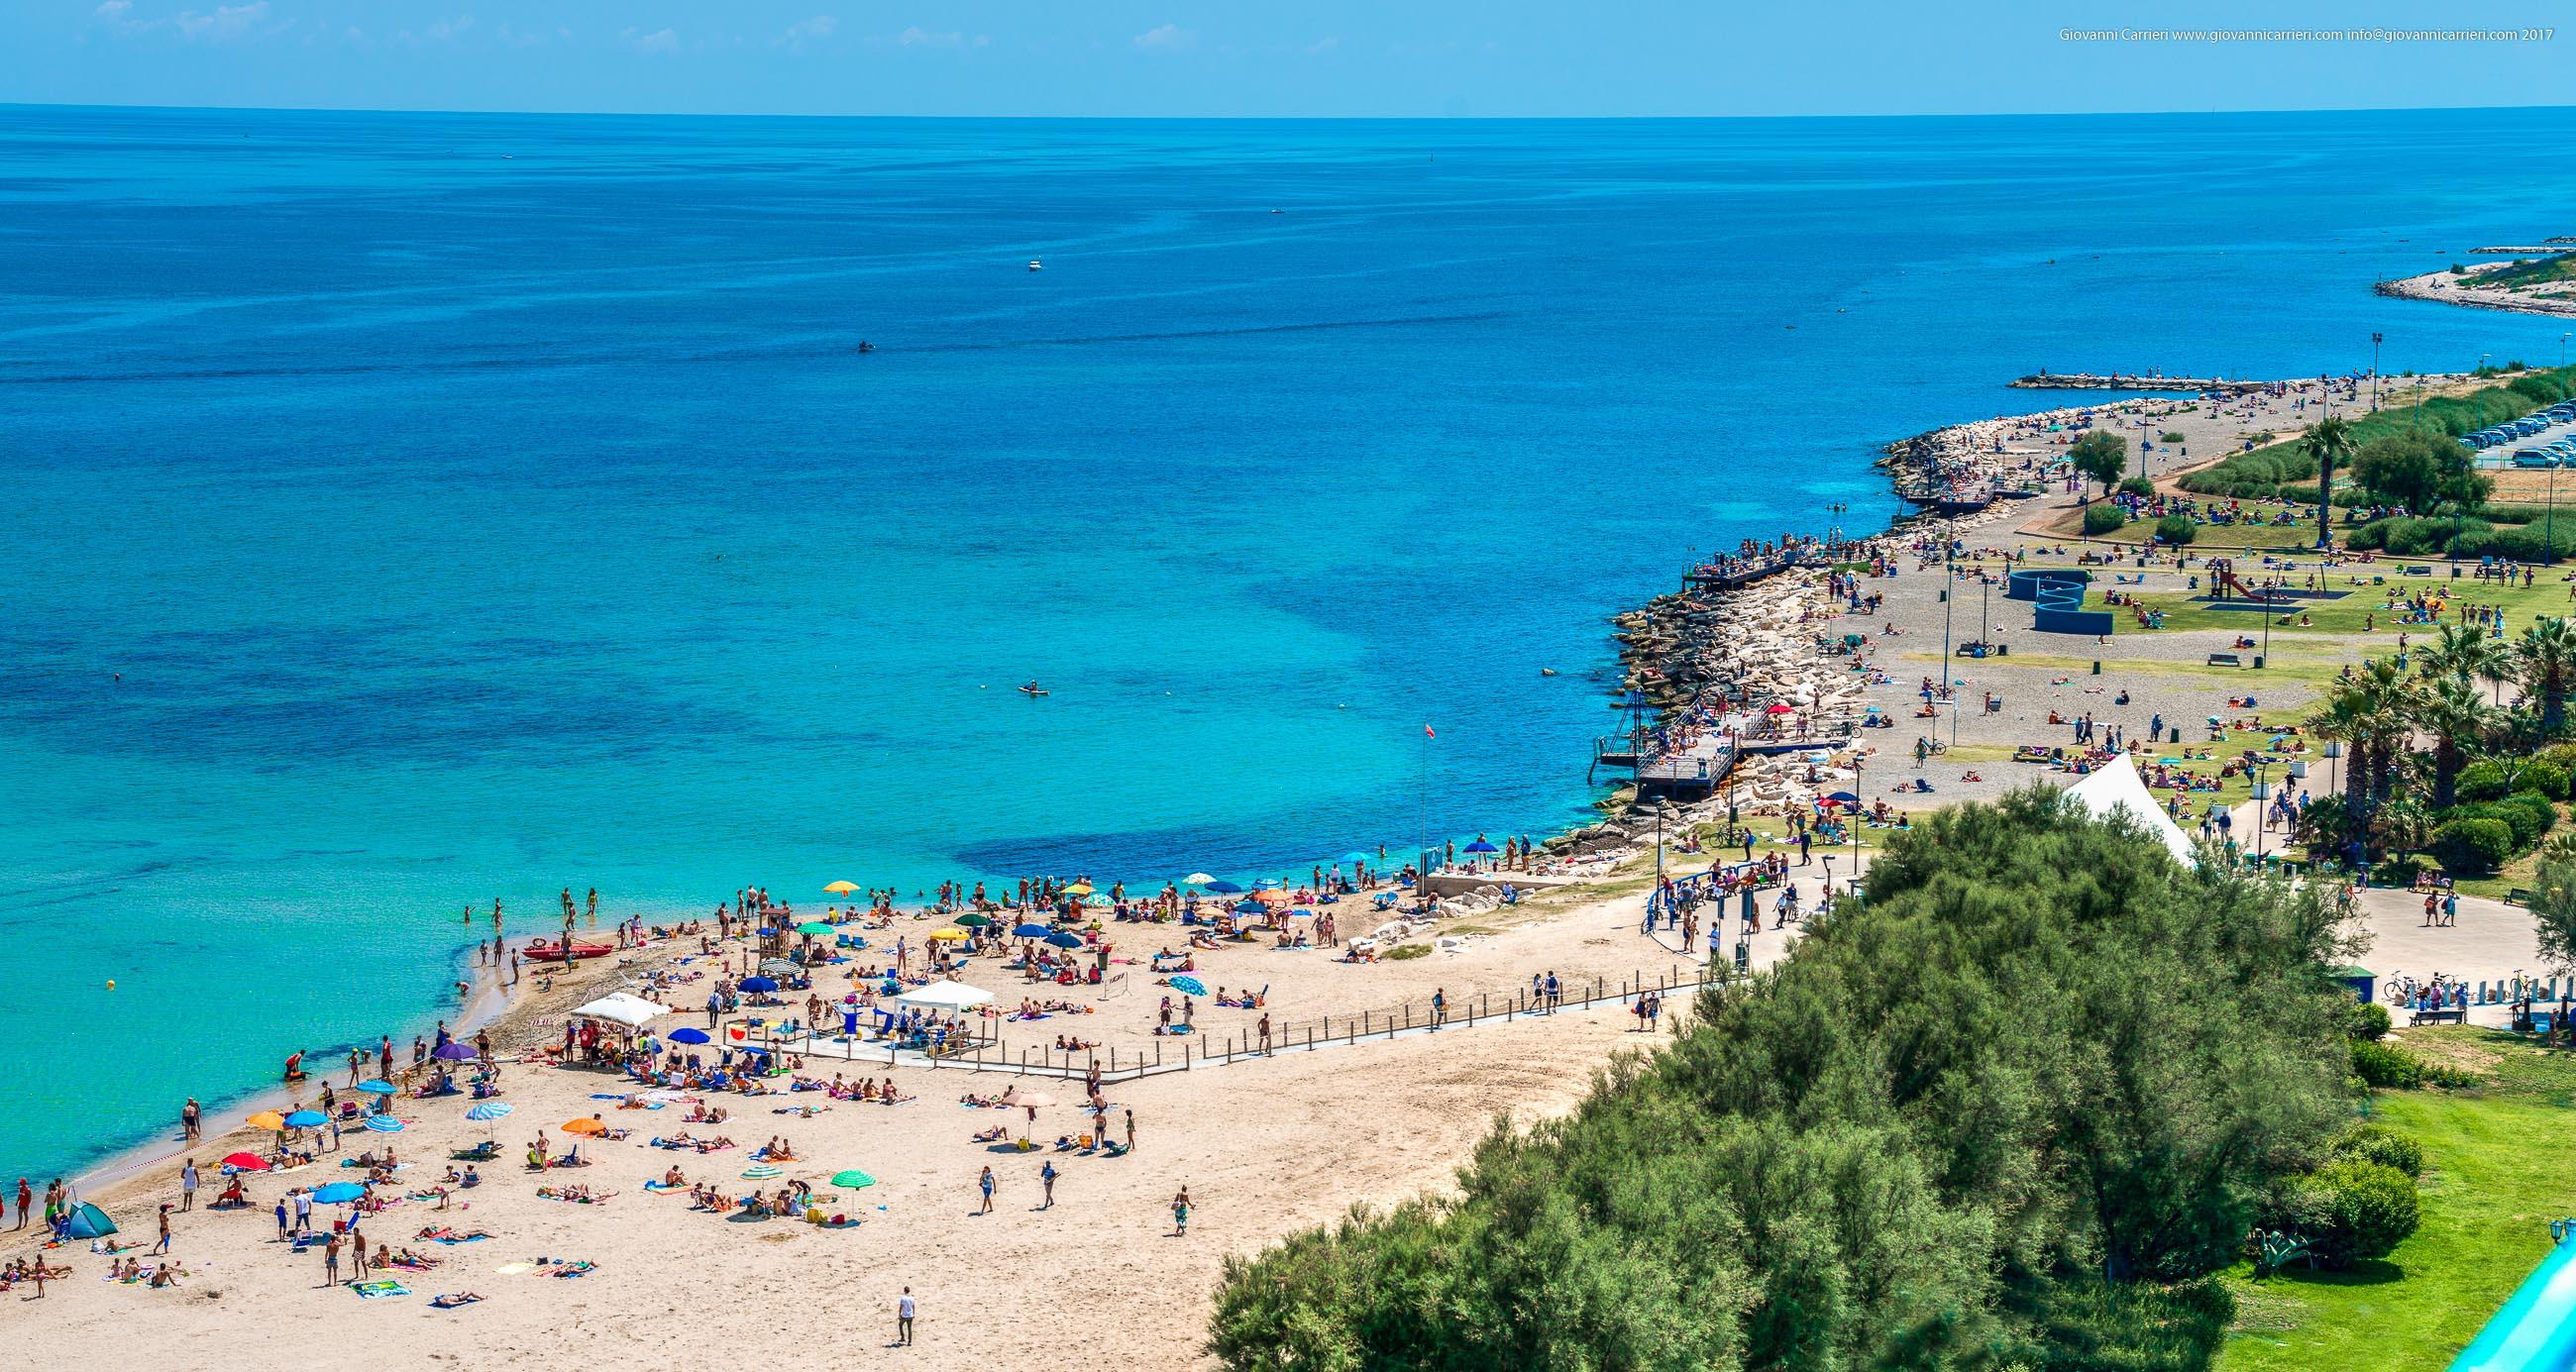 View on the beach of Pane e Pomodoro